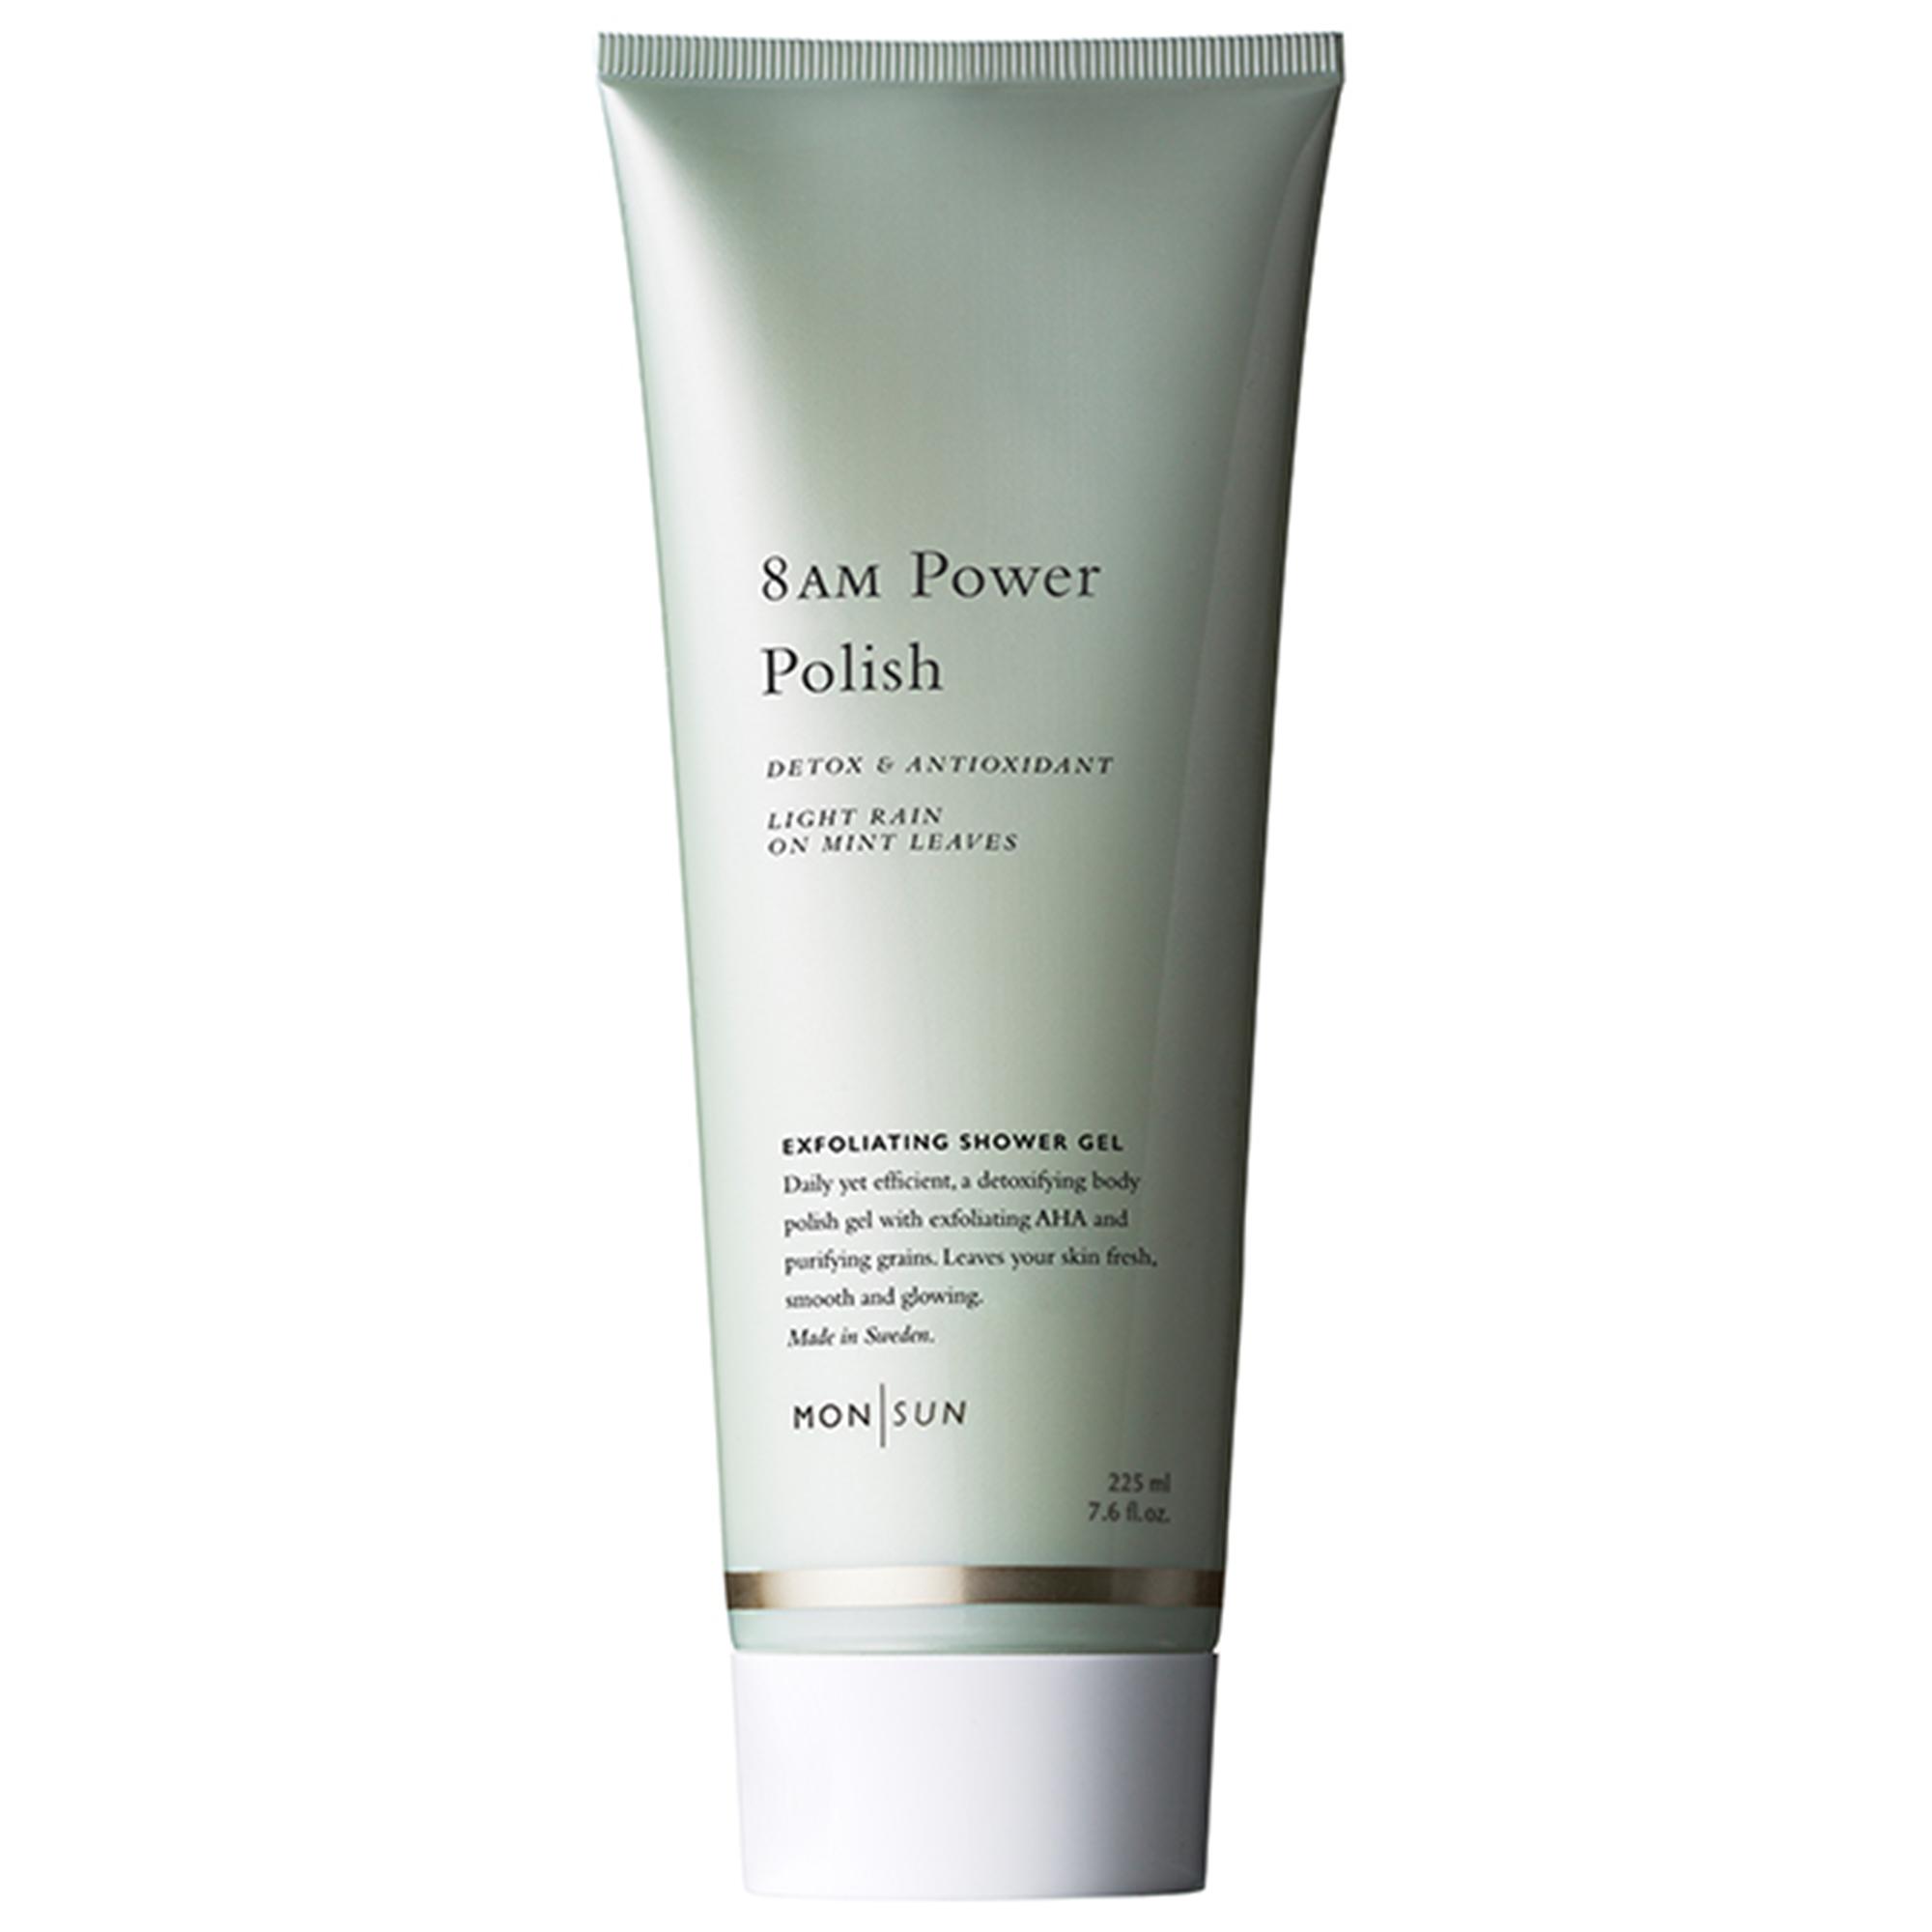 8AM Power-Polish Detox & Antioxidant Exfoliating Shower Gel 225ml